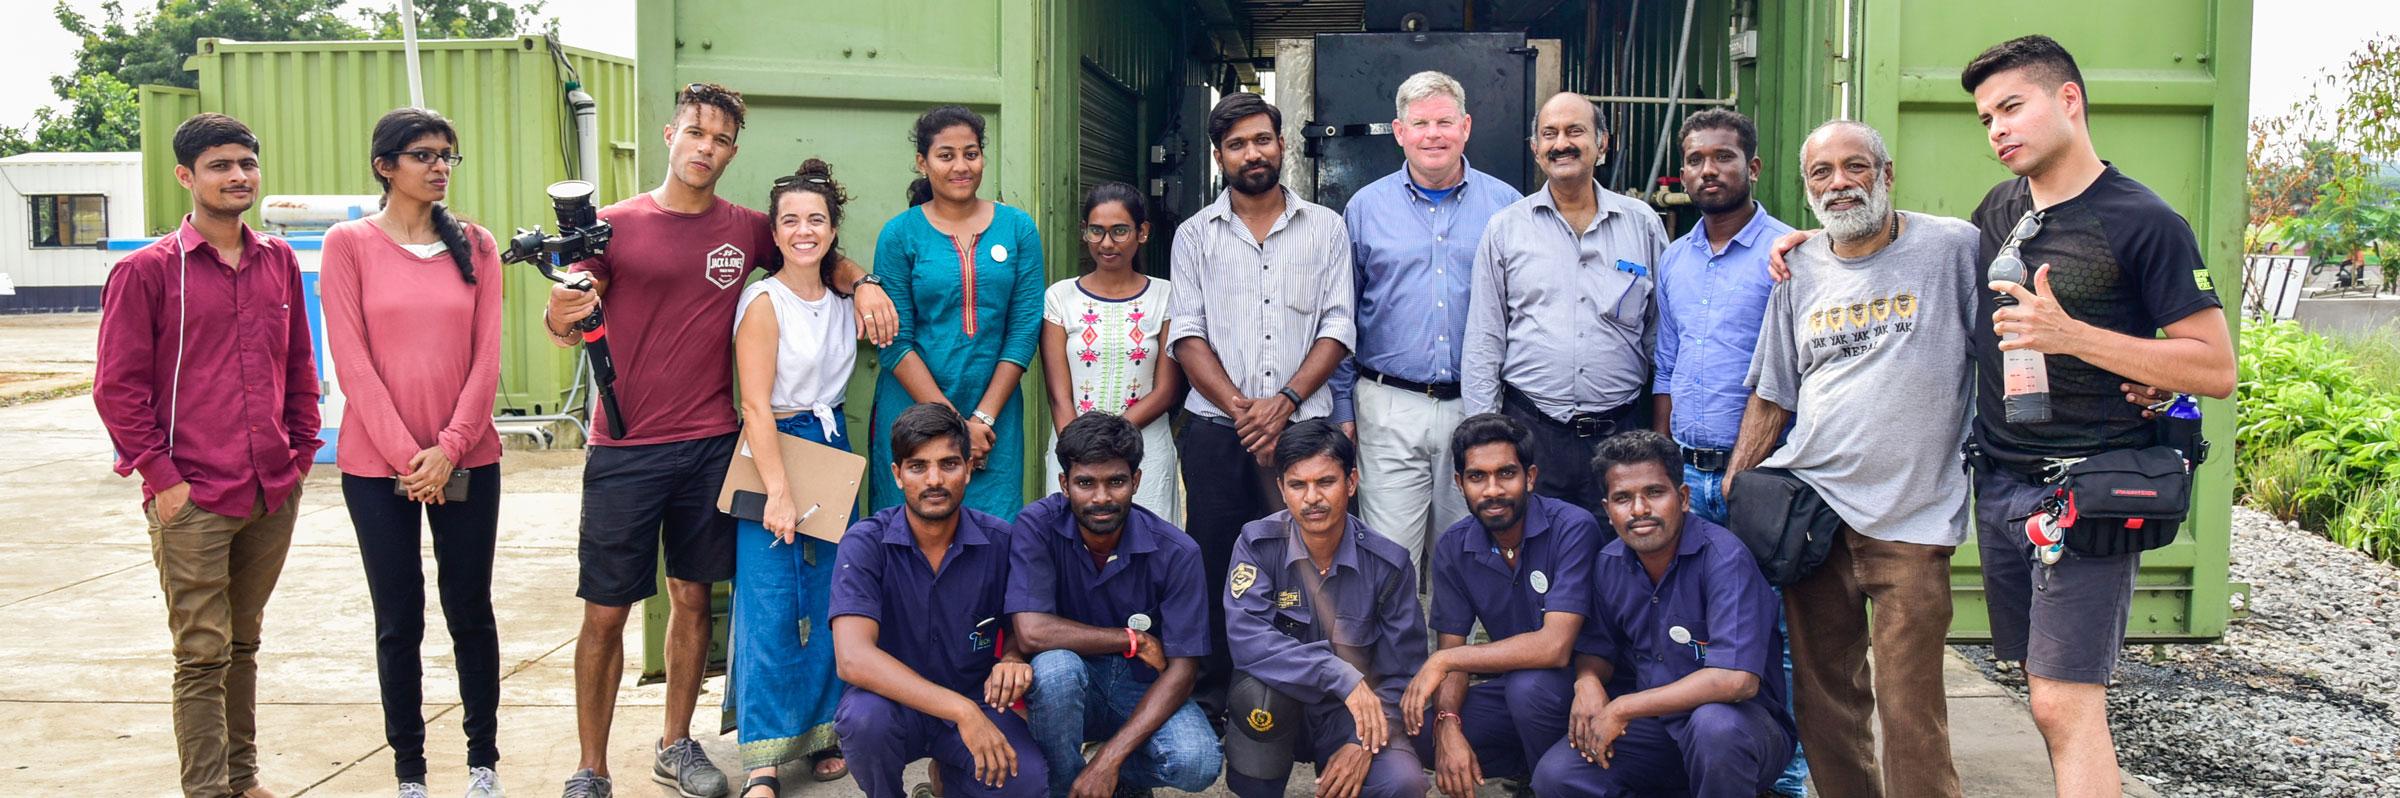 biomass team